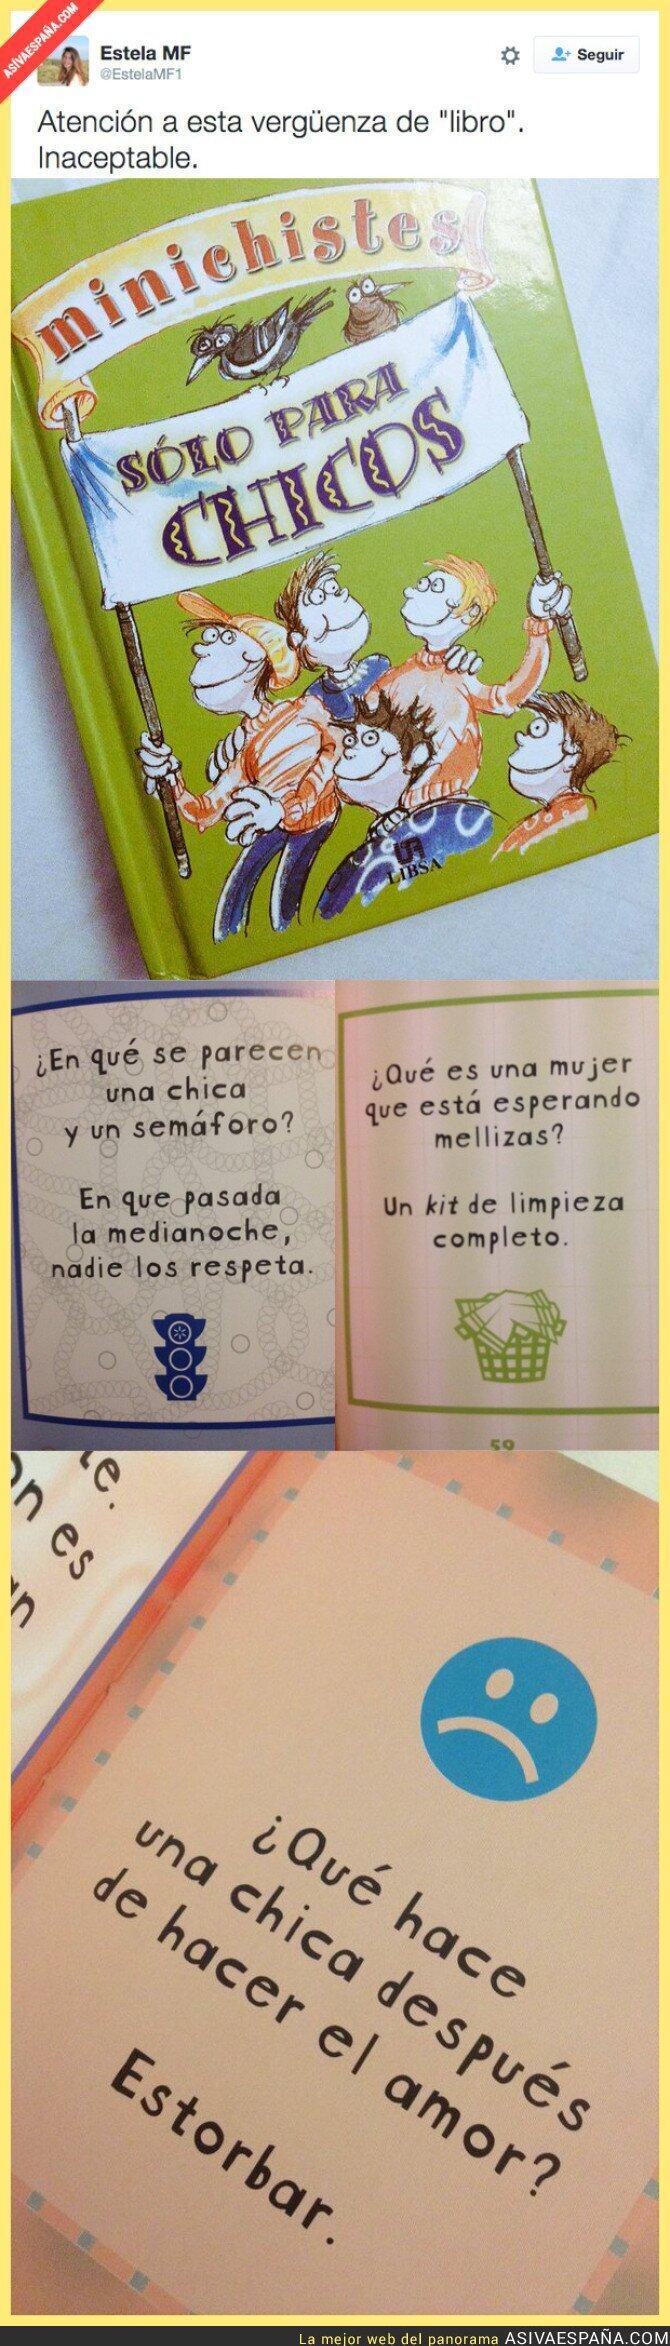 31104 - El libro que se venden en España con chistes